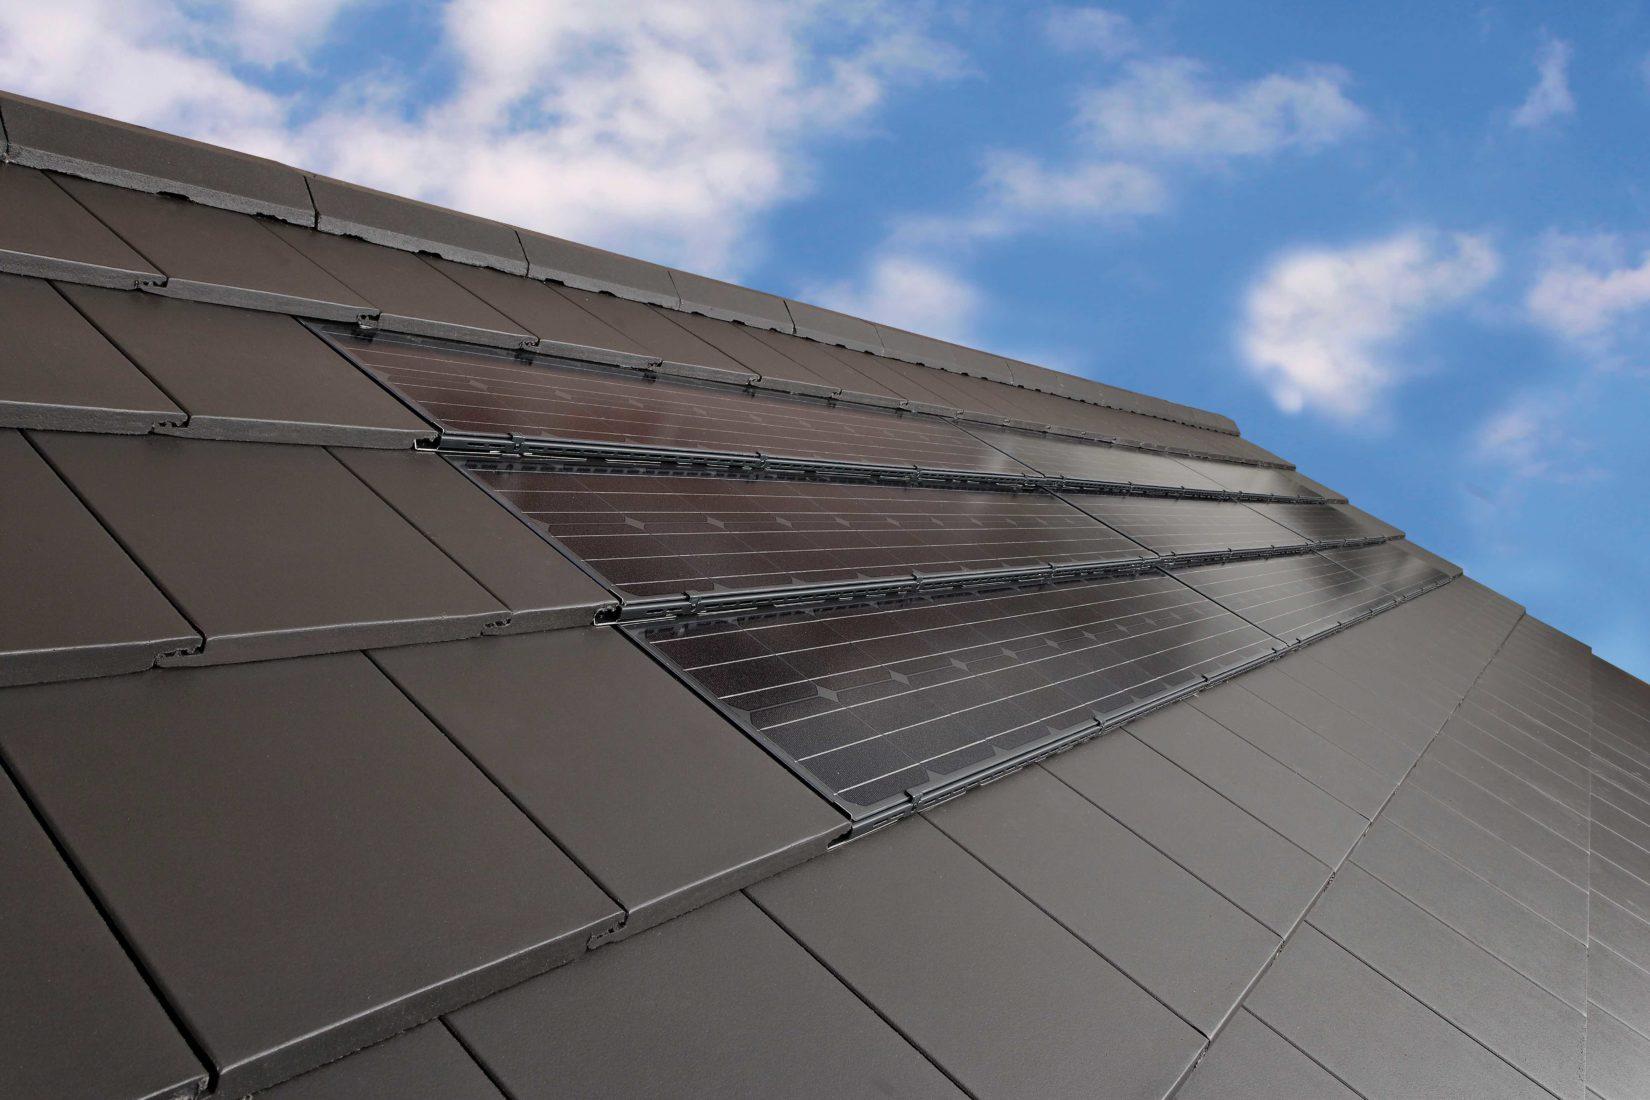 Das Indach-System Braas PV Premium lässt sich sehr harmonisch ins Dach integrieren. Foto: Braas